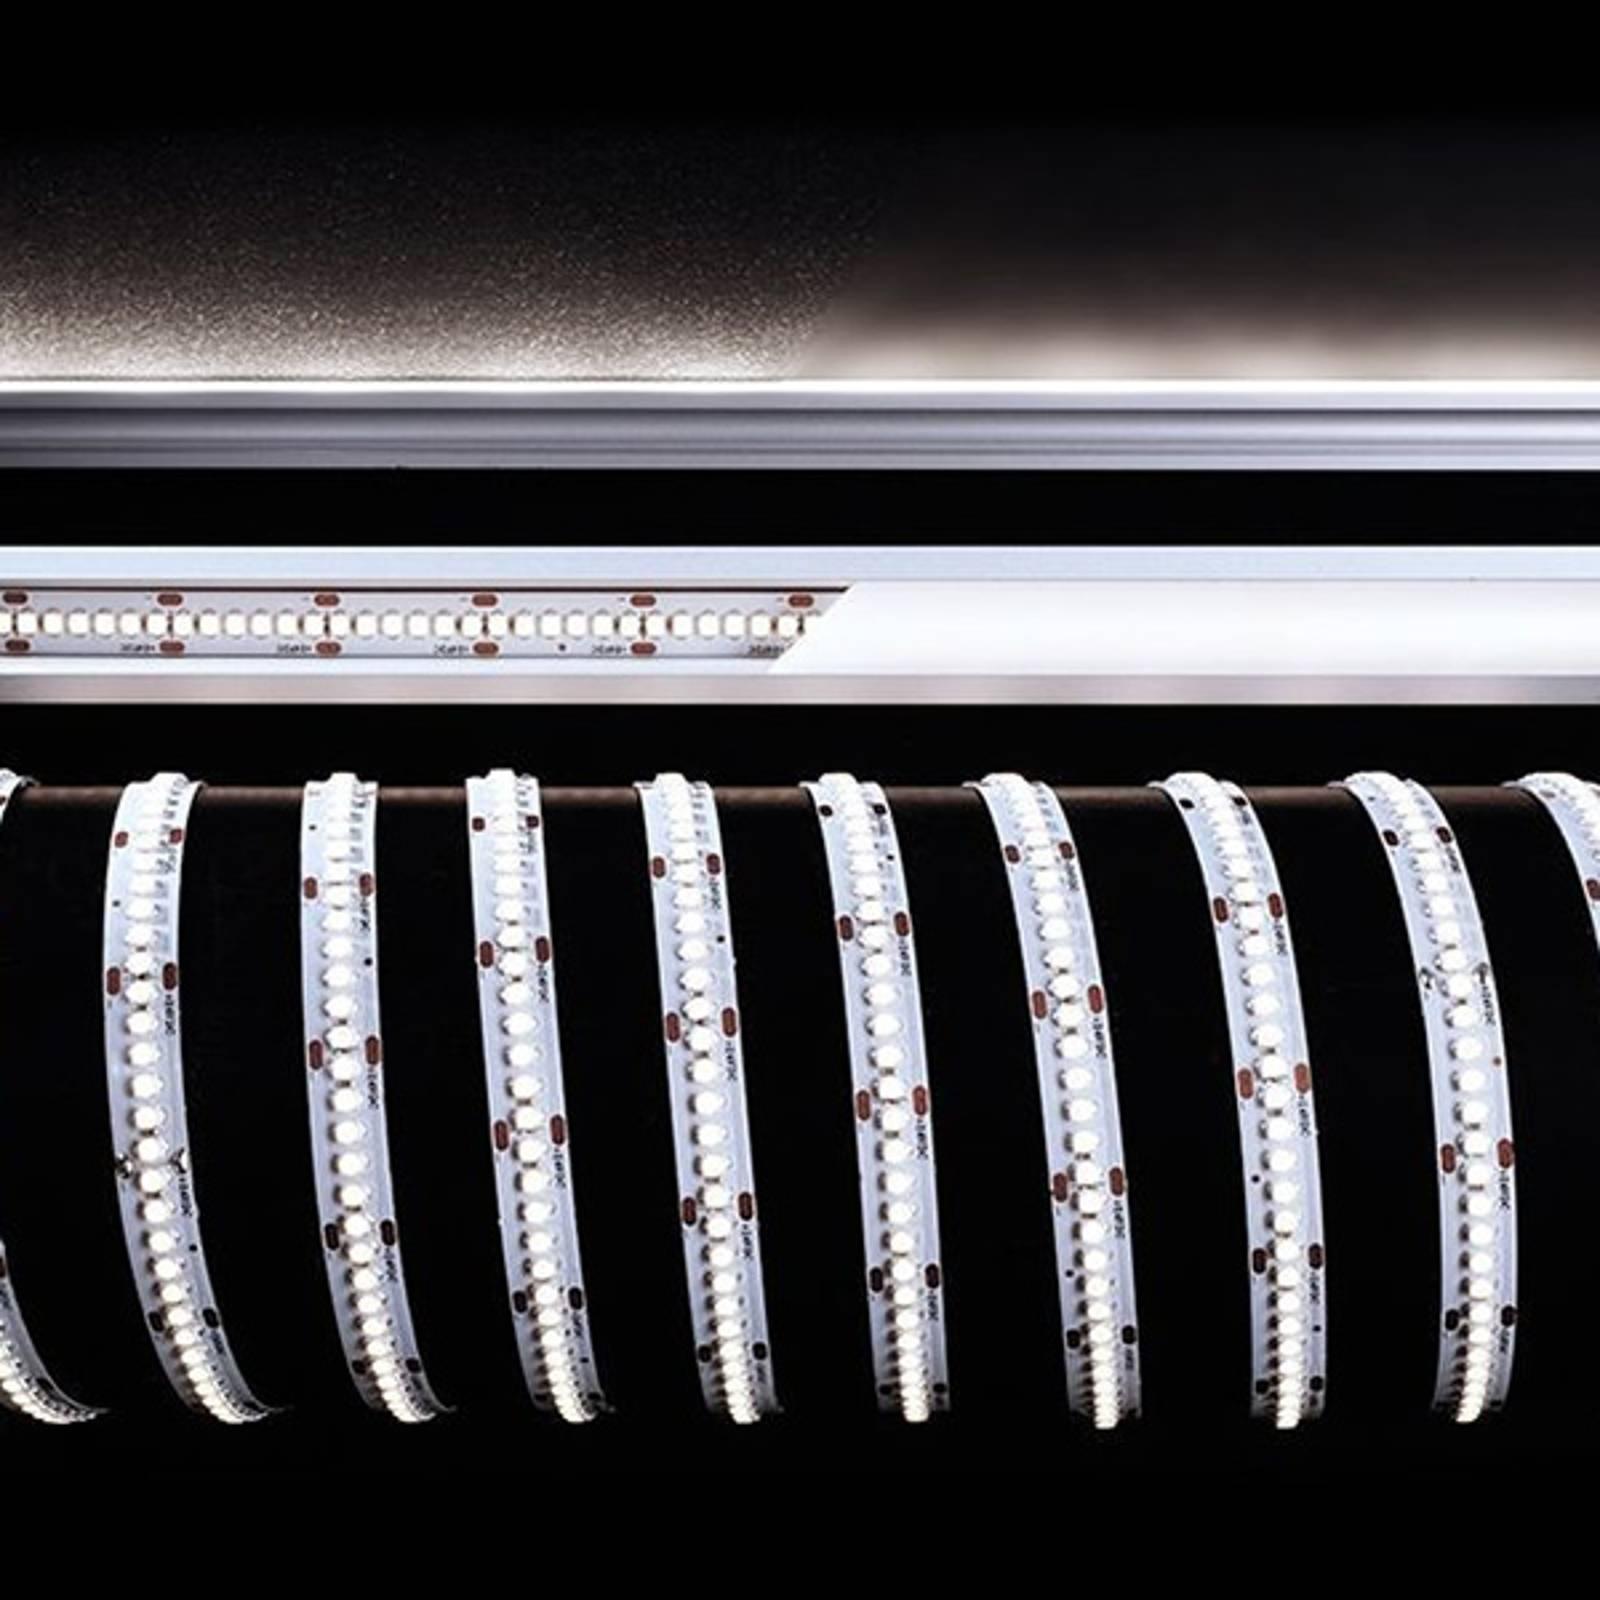 Joustava LED-valonauha, 90W, 500x1x0,3 cm, 6000 K